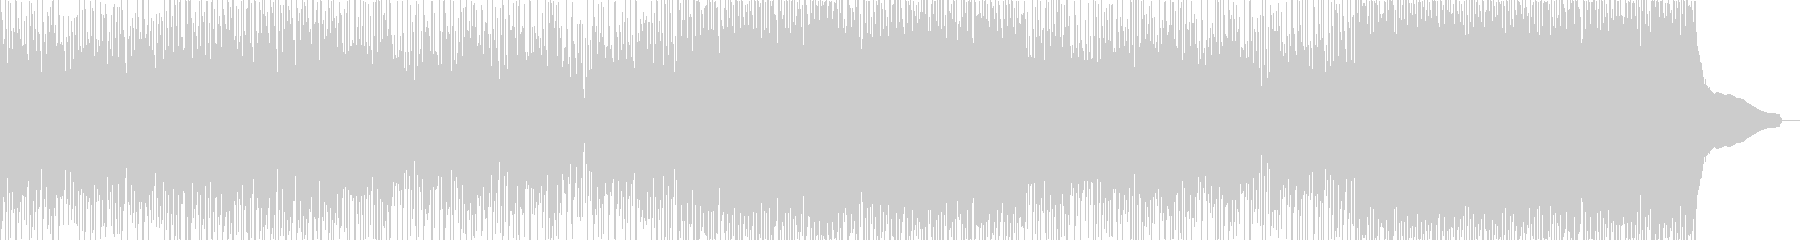 ホワイトデ―のメロウでファンタジックな曲の未再生の波形